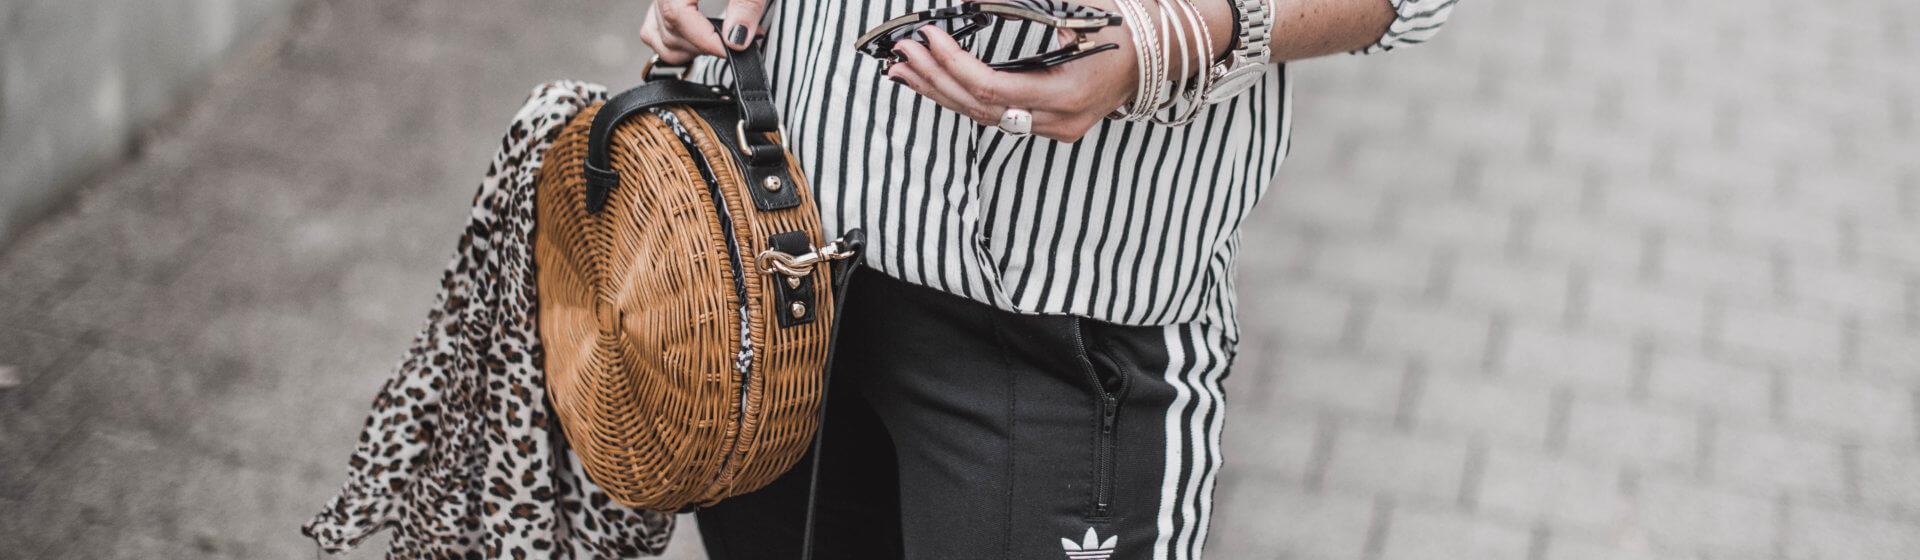 Athleisrue Styles im Sommer - so tragen wir den Trend Shoelove Deichmann